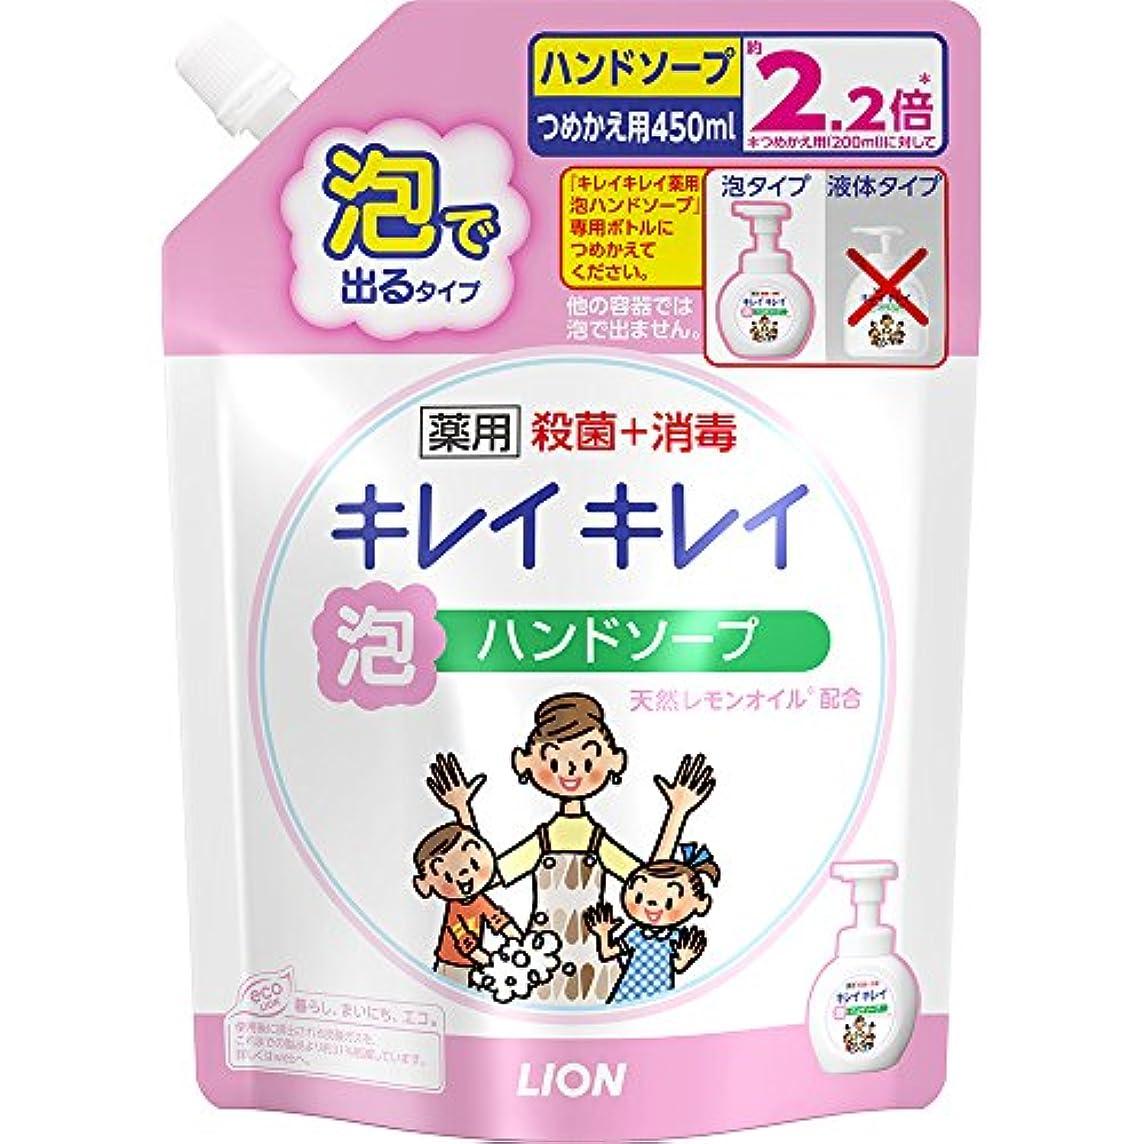 交じる表示求めるキレイキレイ 薬用 泡ハンドソープ シトラスフルーティの香り 詰め替え 450ml(医薬部外品)